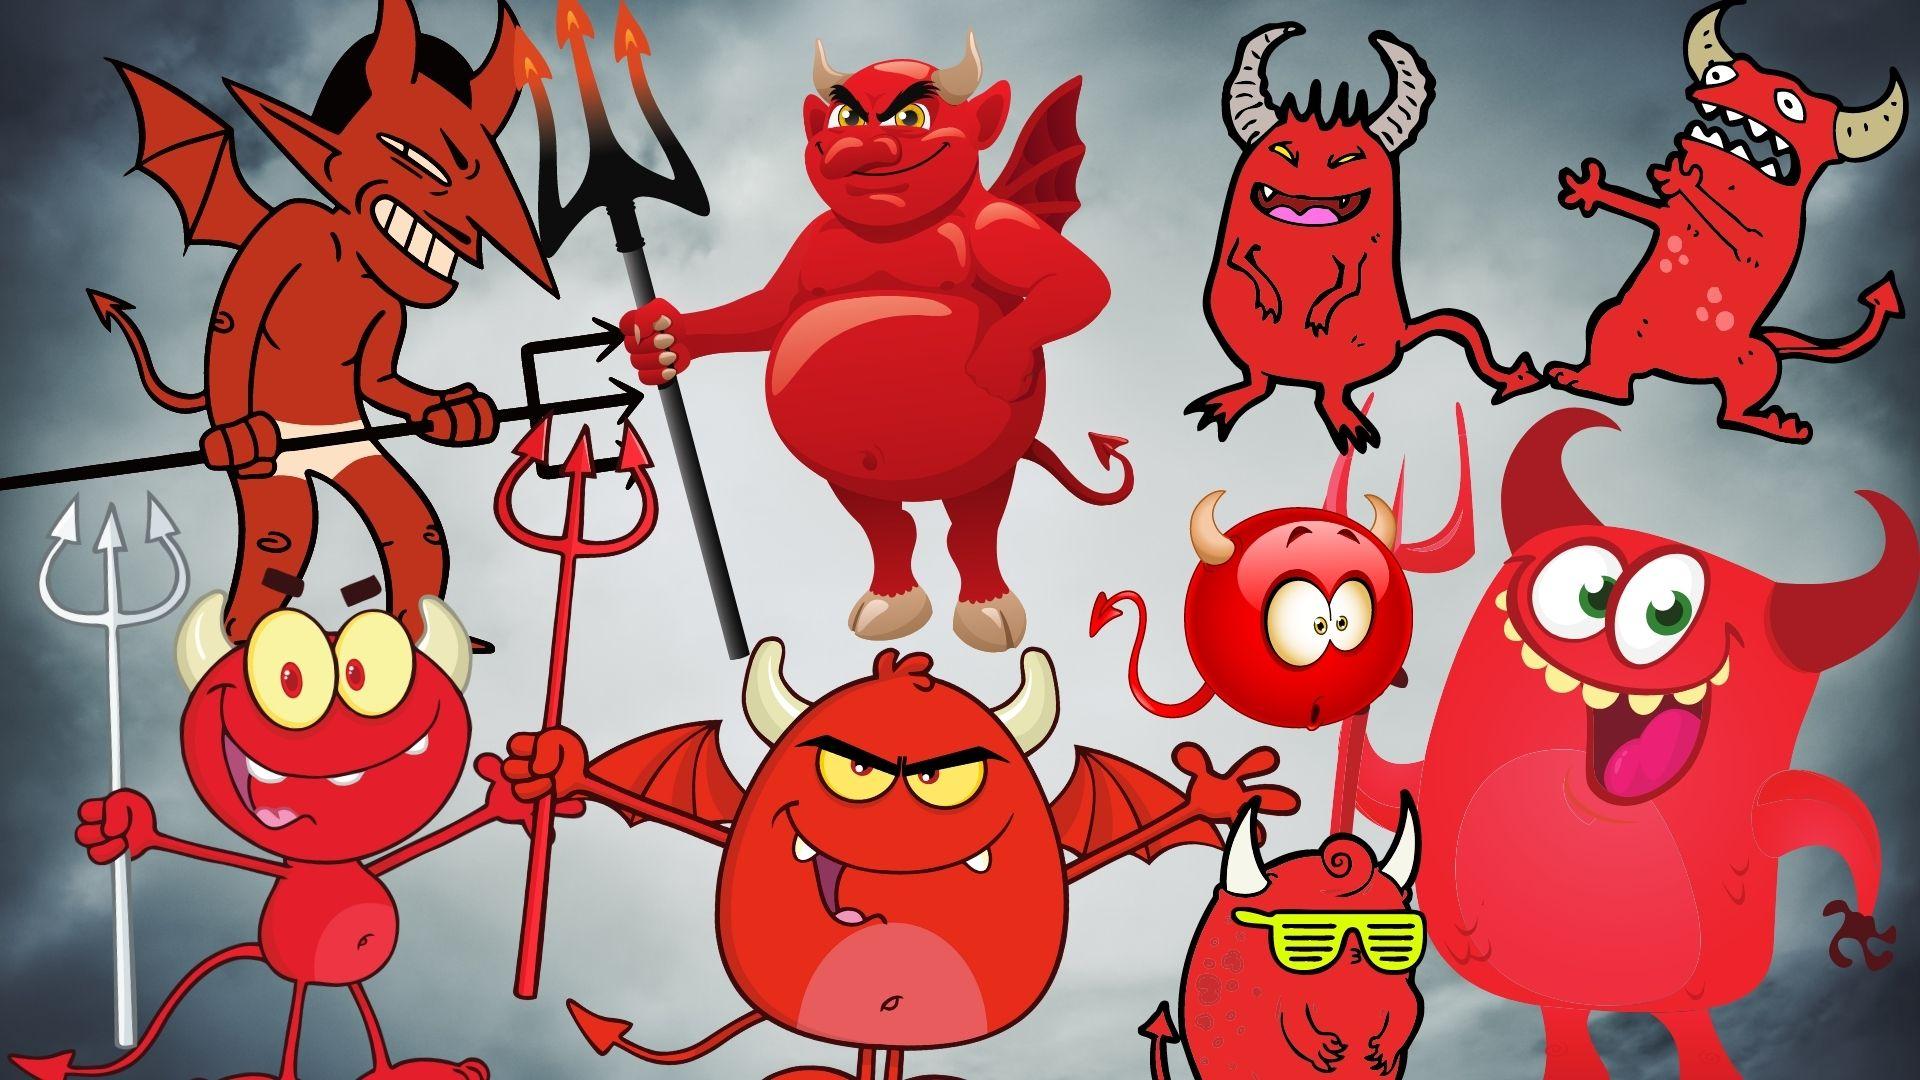 Episode 371 Myths and Legends Devils and Demons